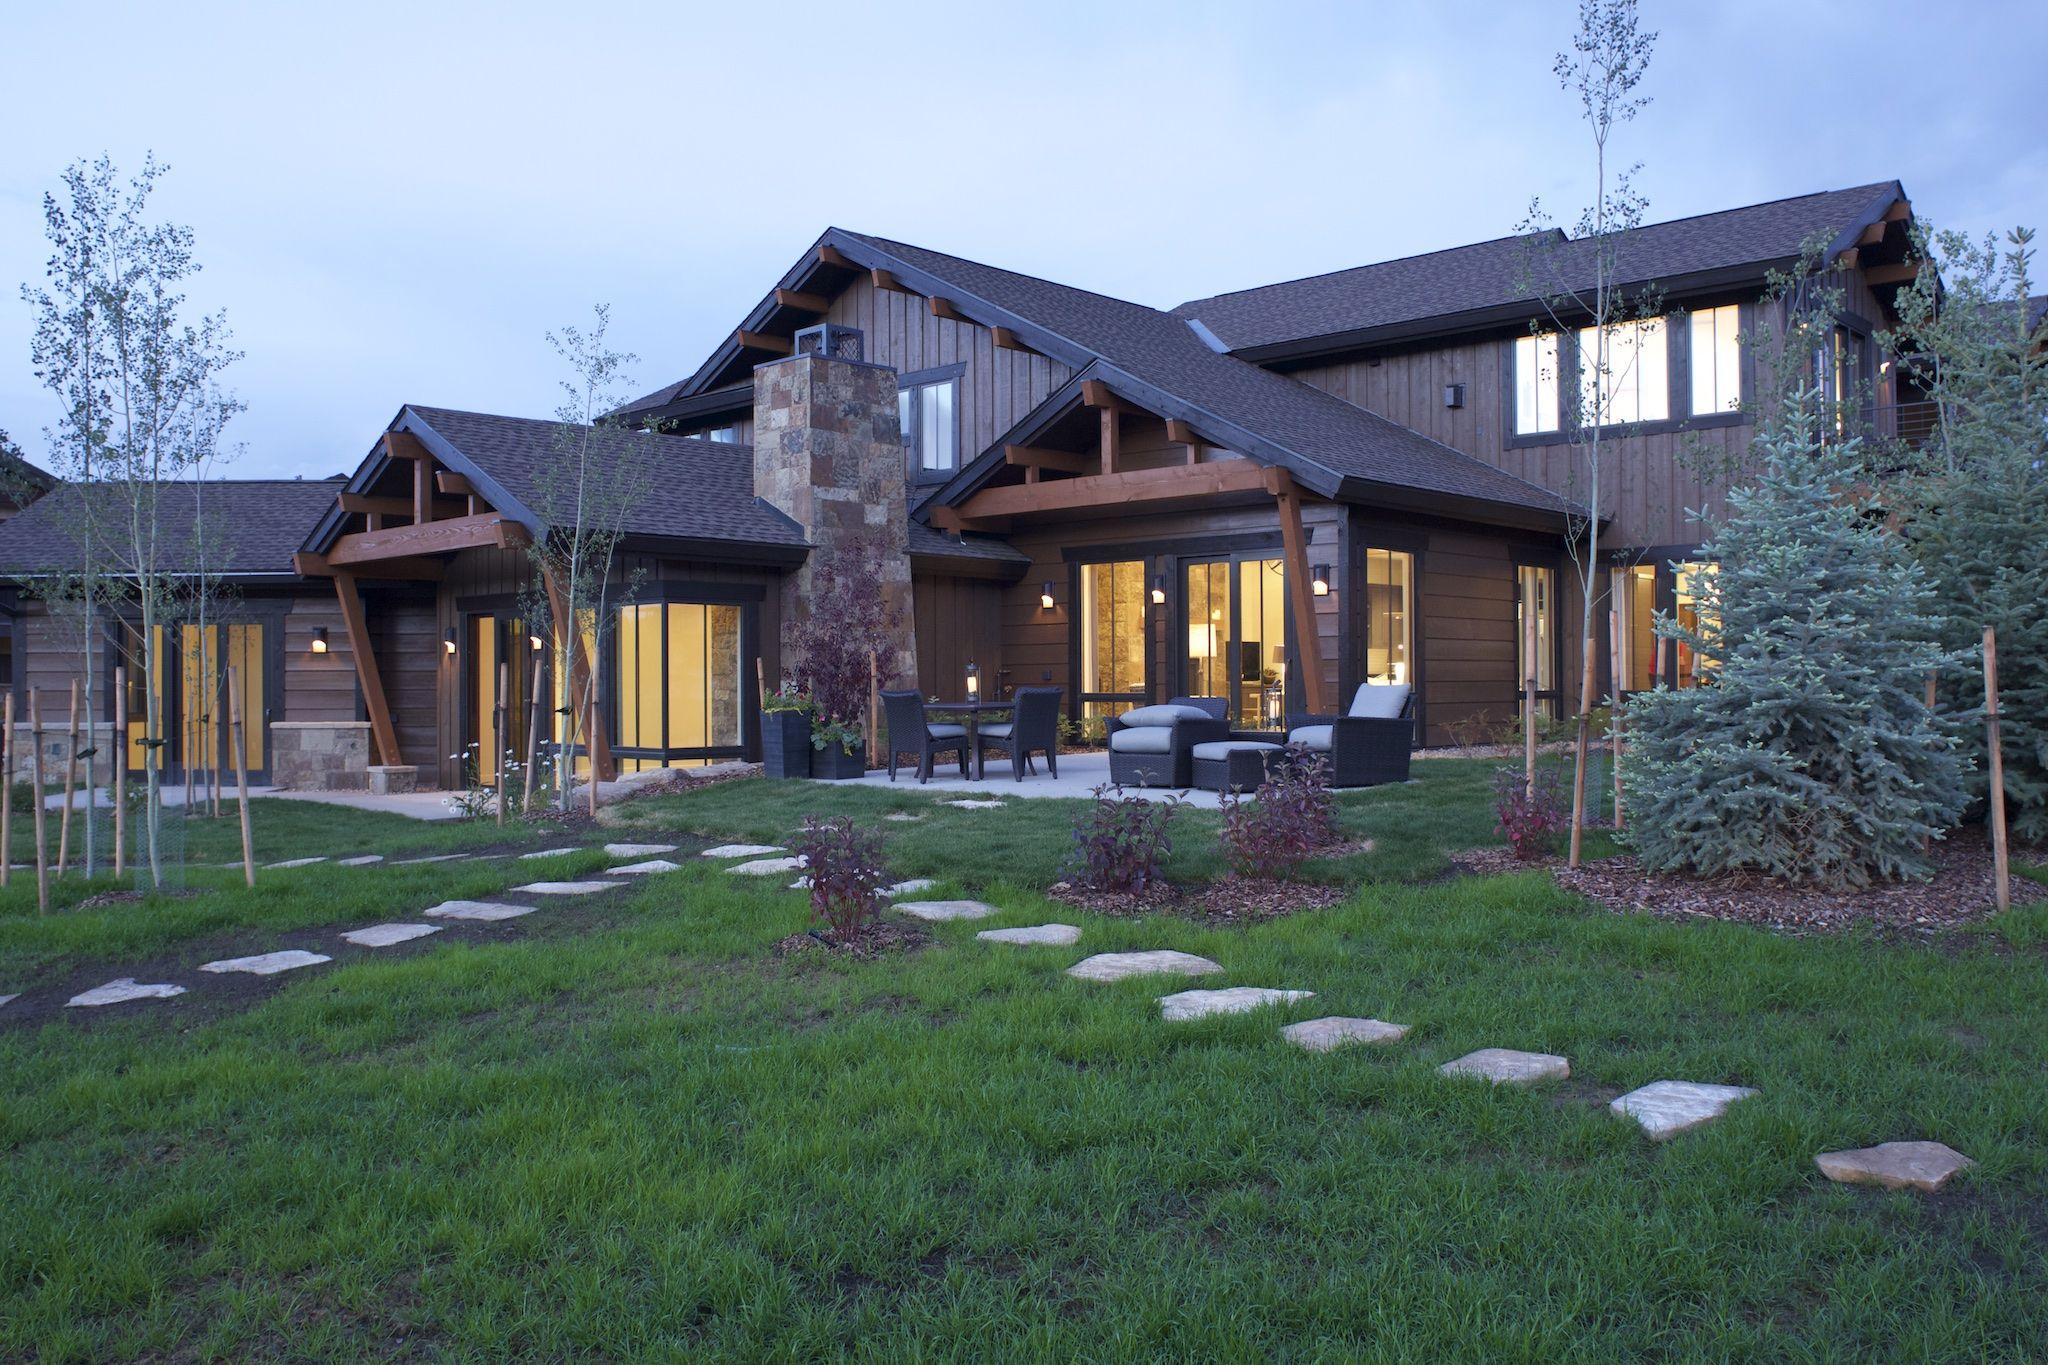 259 Shores LANE BRECKENRIDGE, Colorado 80424